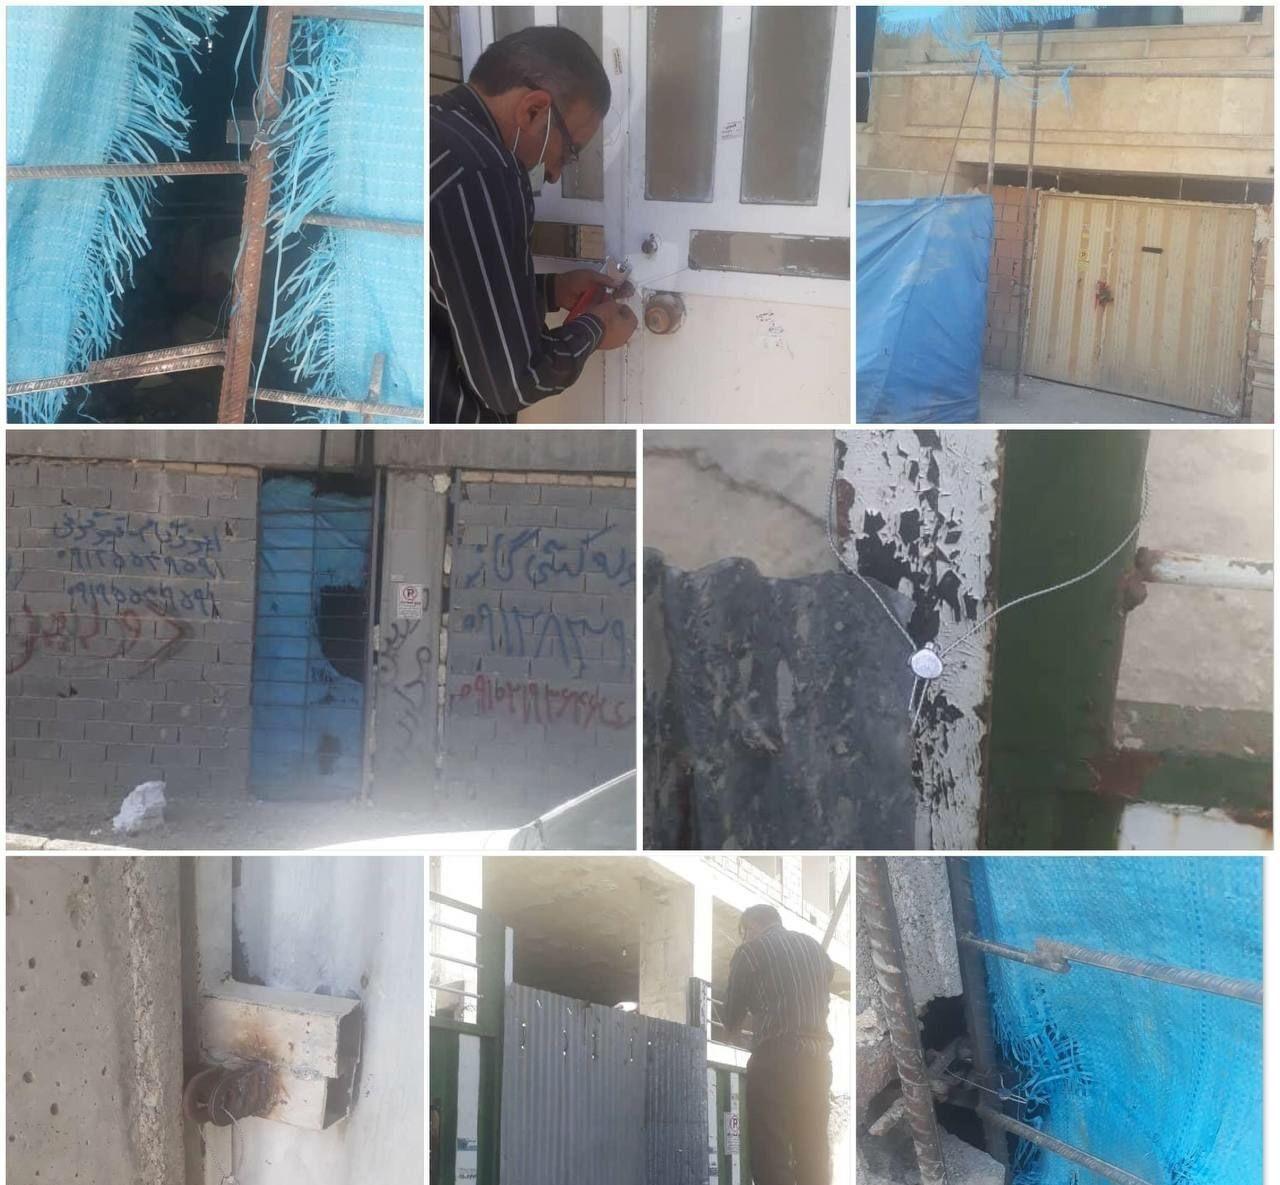 پلمپ ساختمانهای سقف غیر مجاز سطح شهر توسط شهرداری رودهن